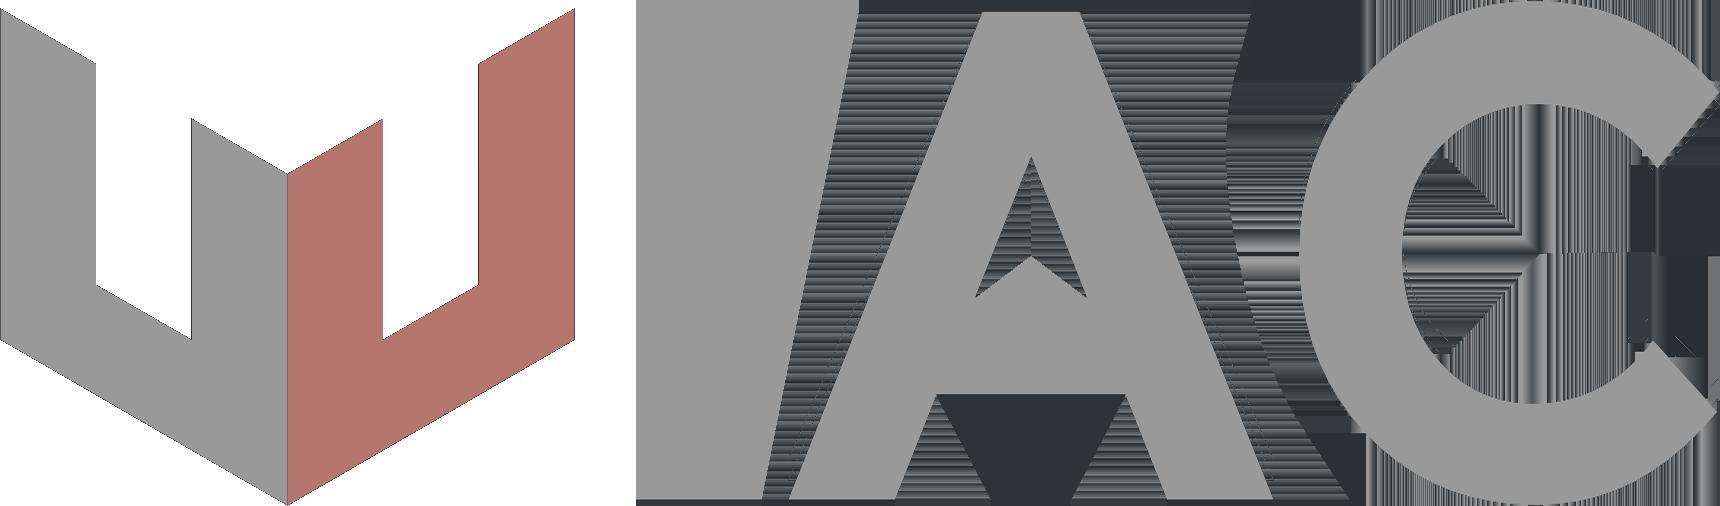 wiac.info logo